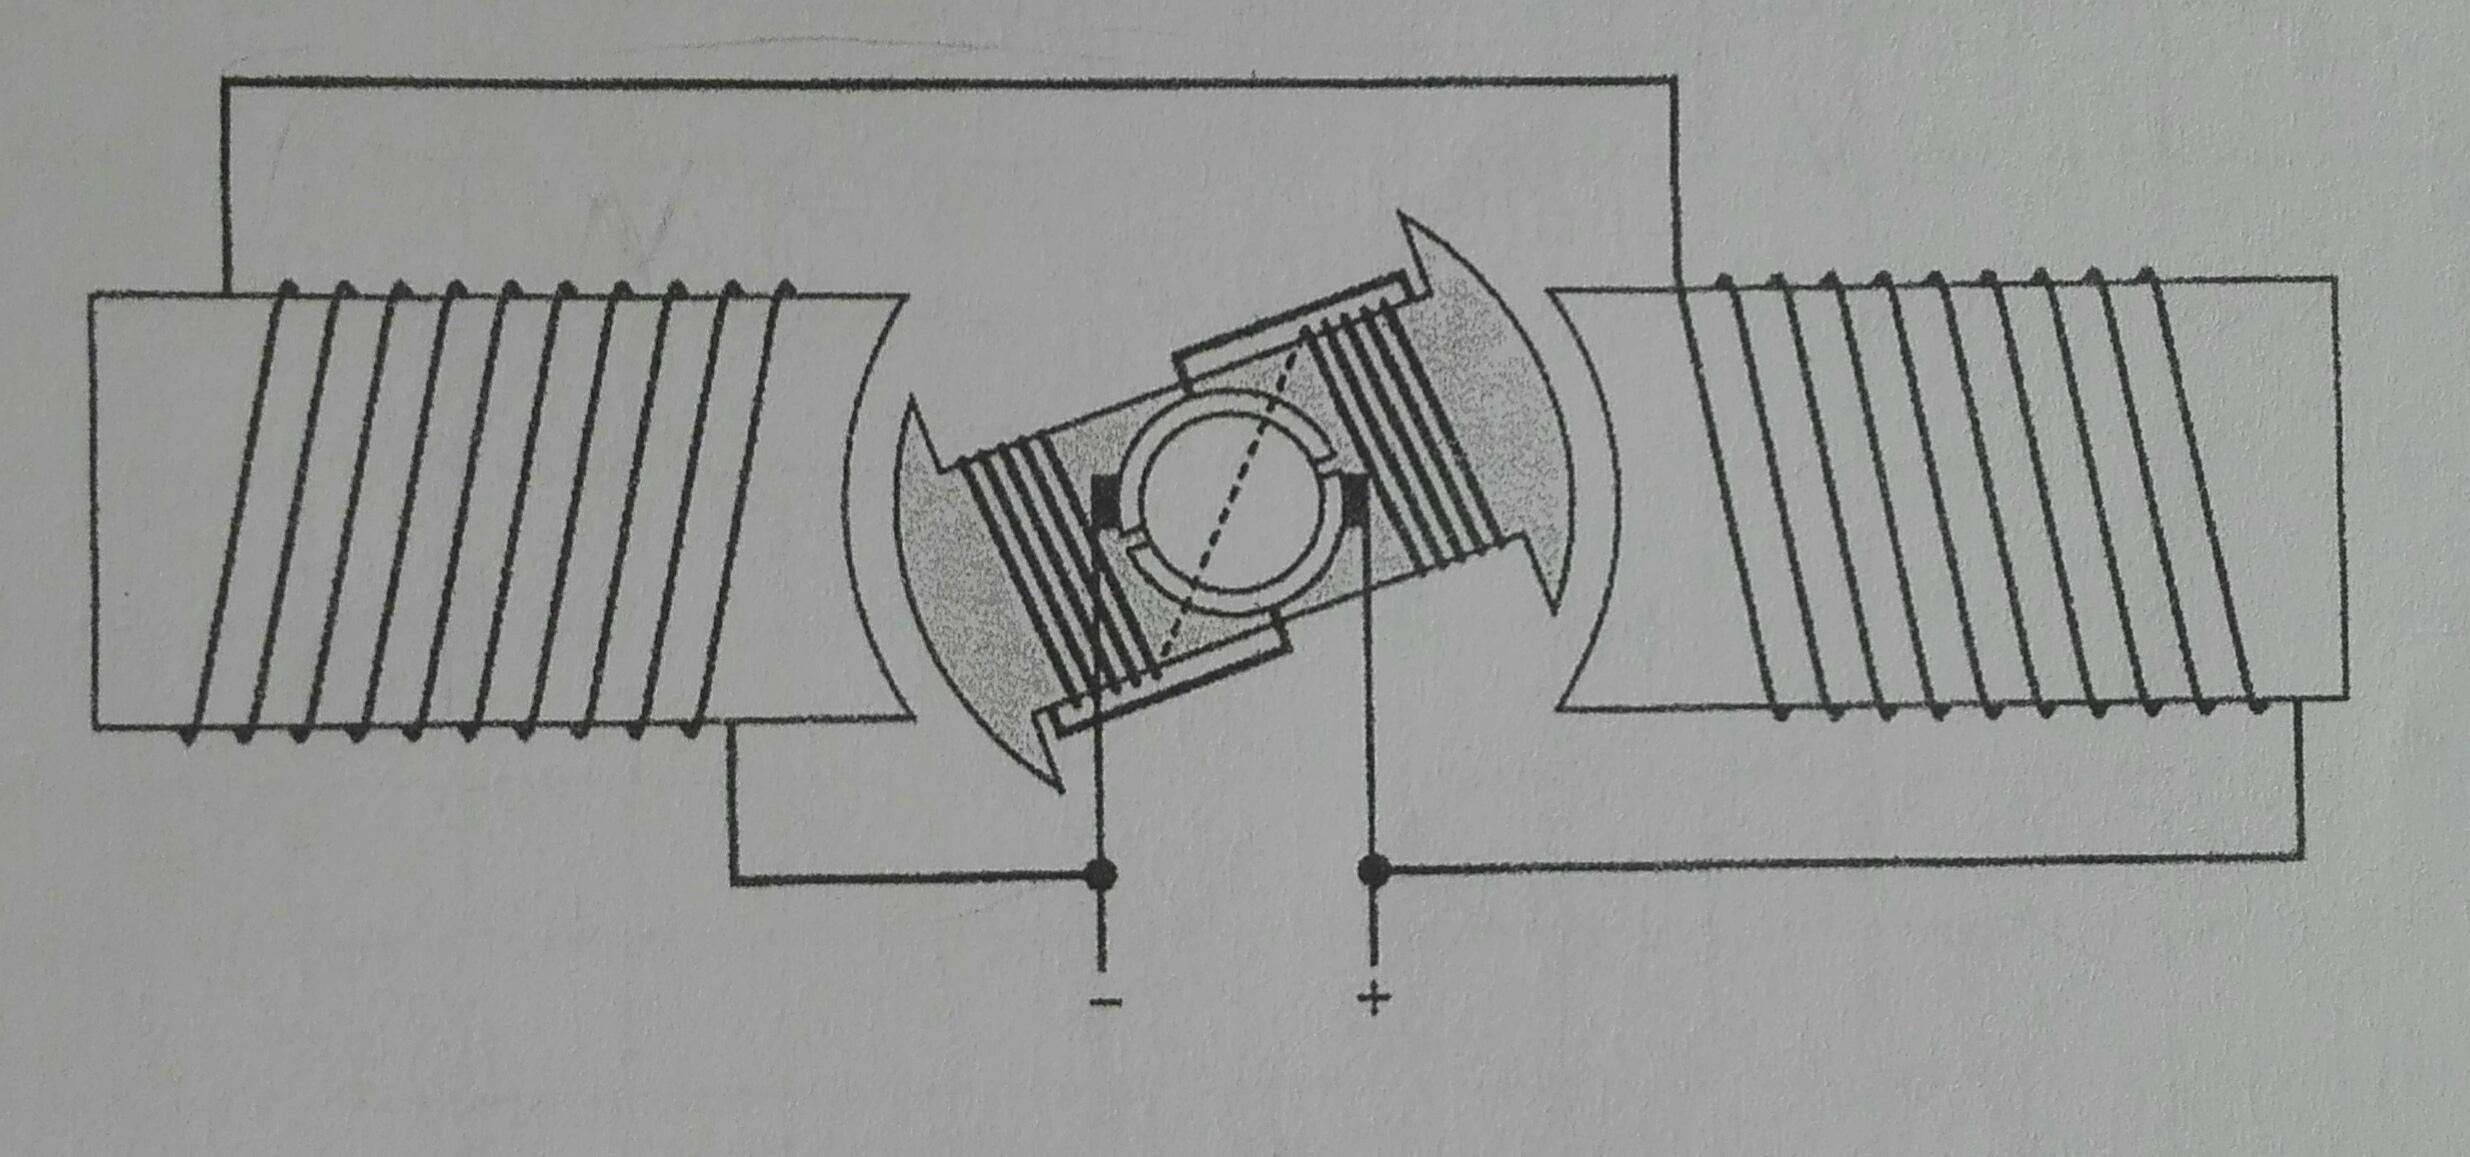 Wie funktioniert so eine Art von Motor? (Technik, Physik, Technologie)